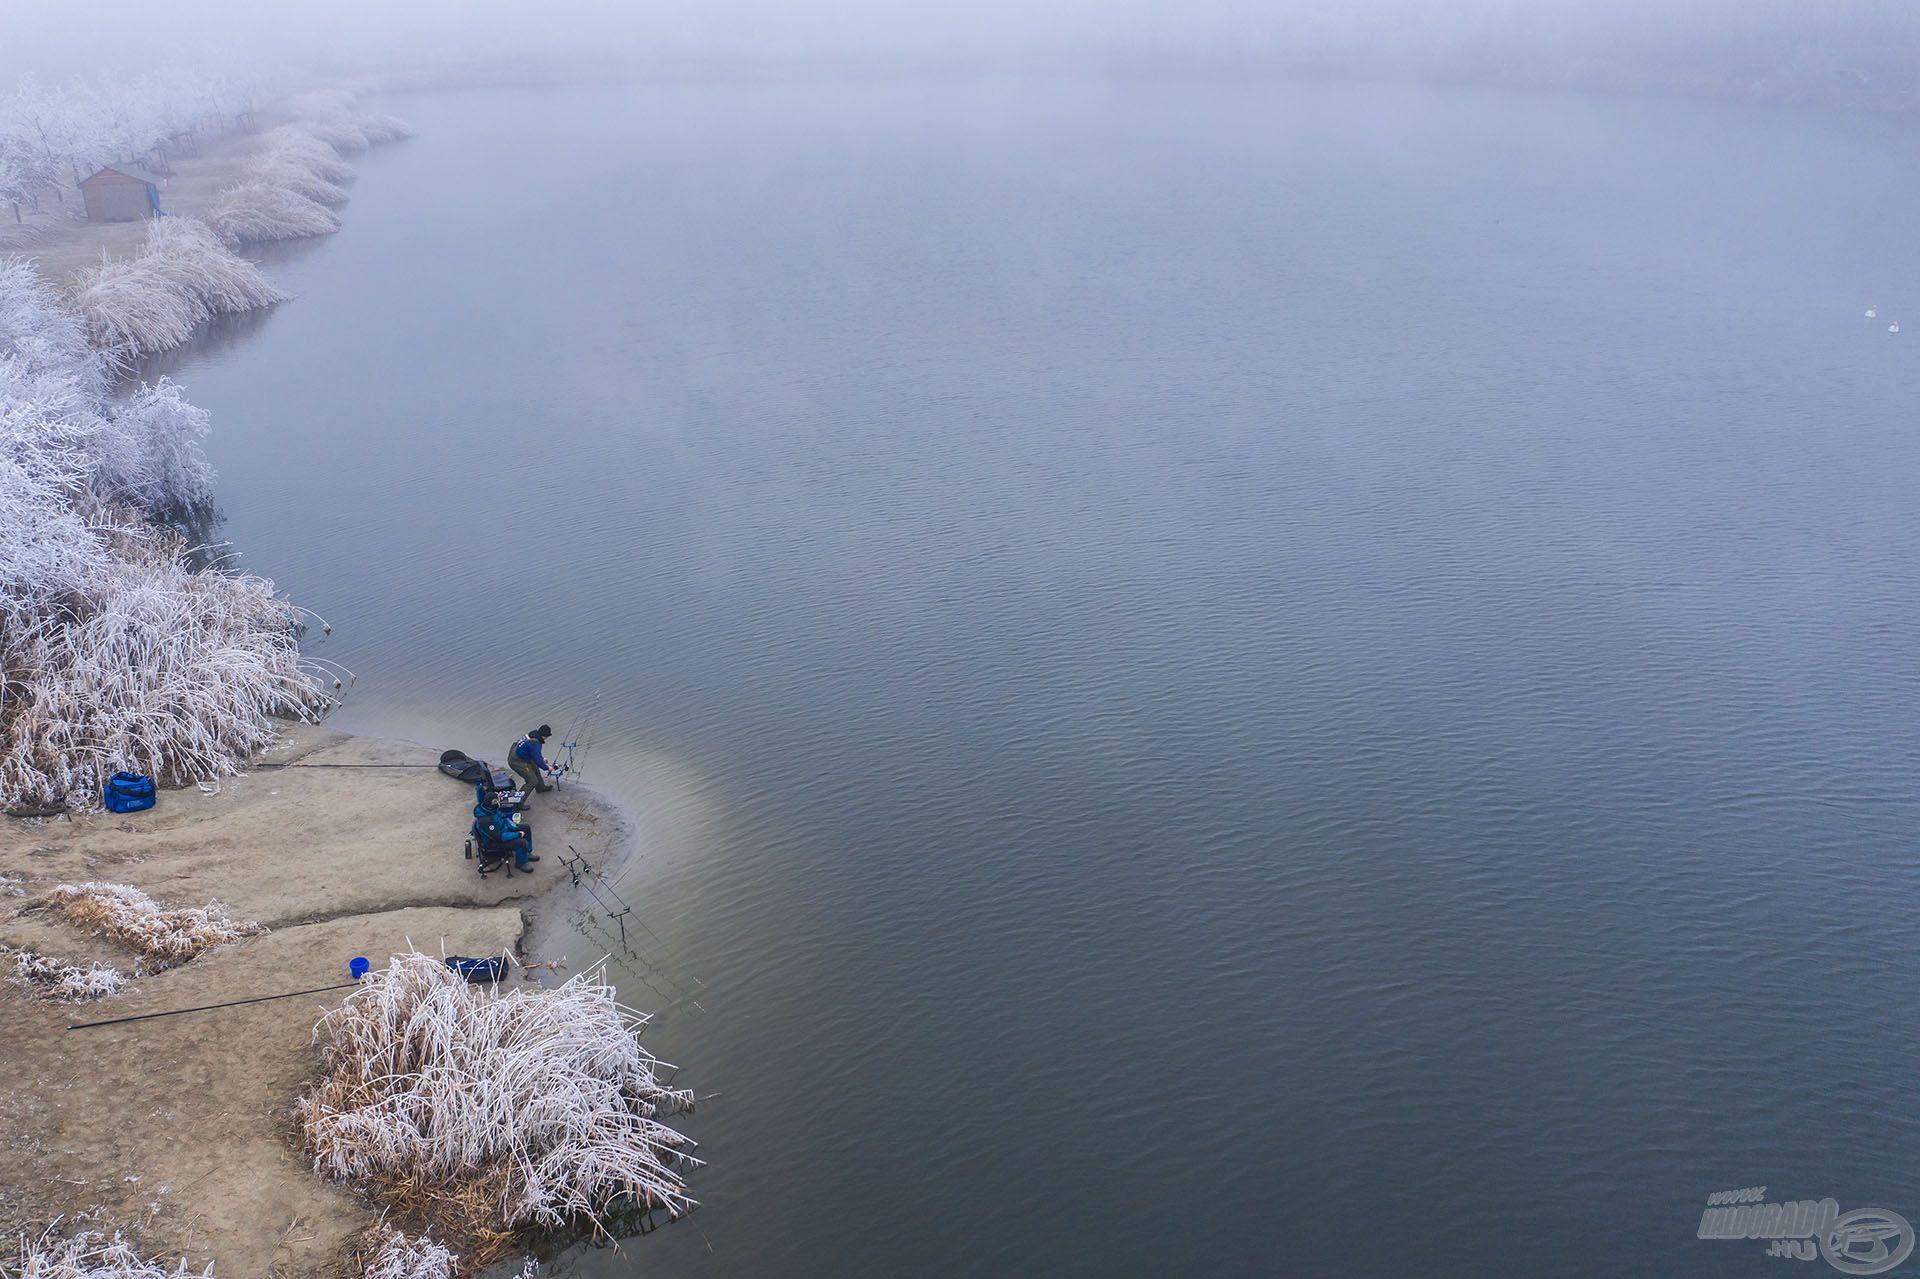 Az Orosházi Új homokbánya-tó mély vizének köszönhetően most is horgászható